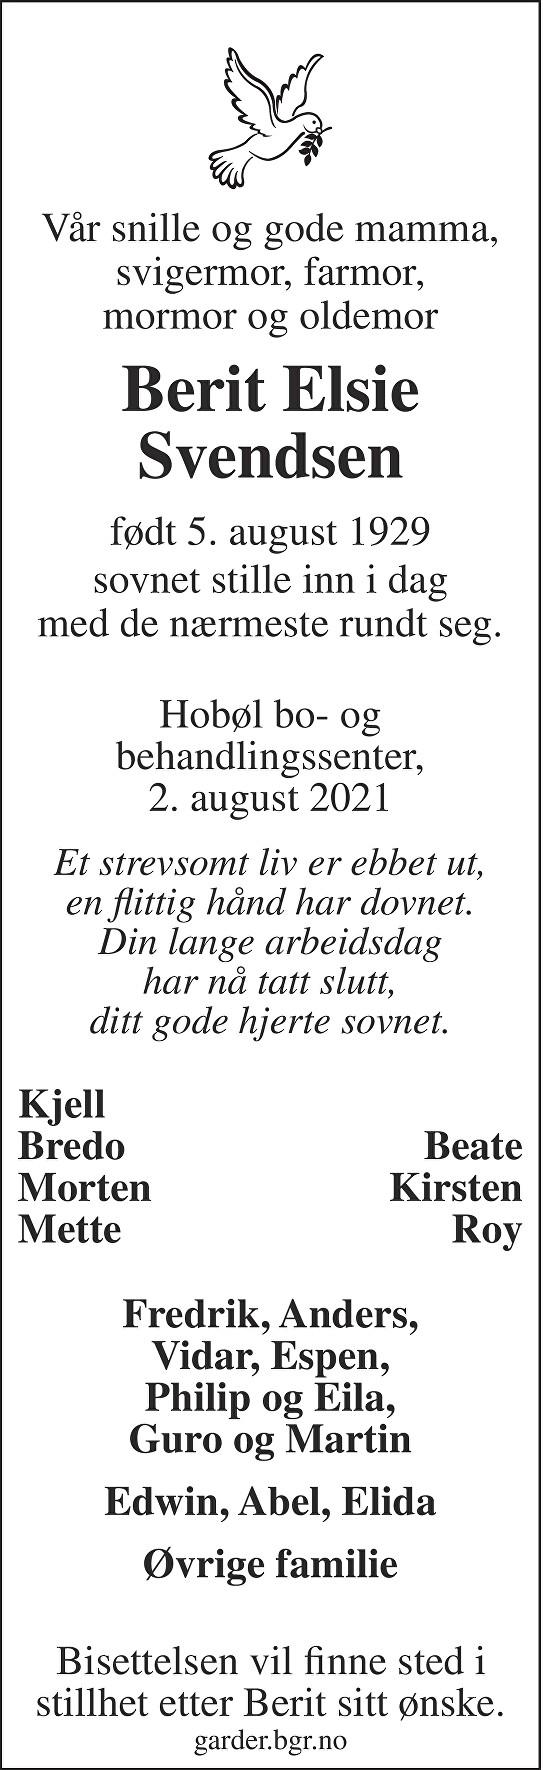 Berit Elsie Svendsen Dødsannonse